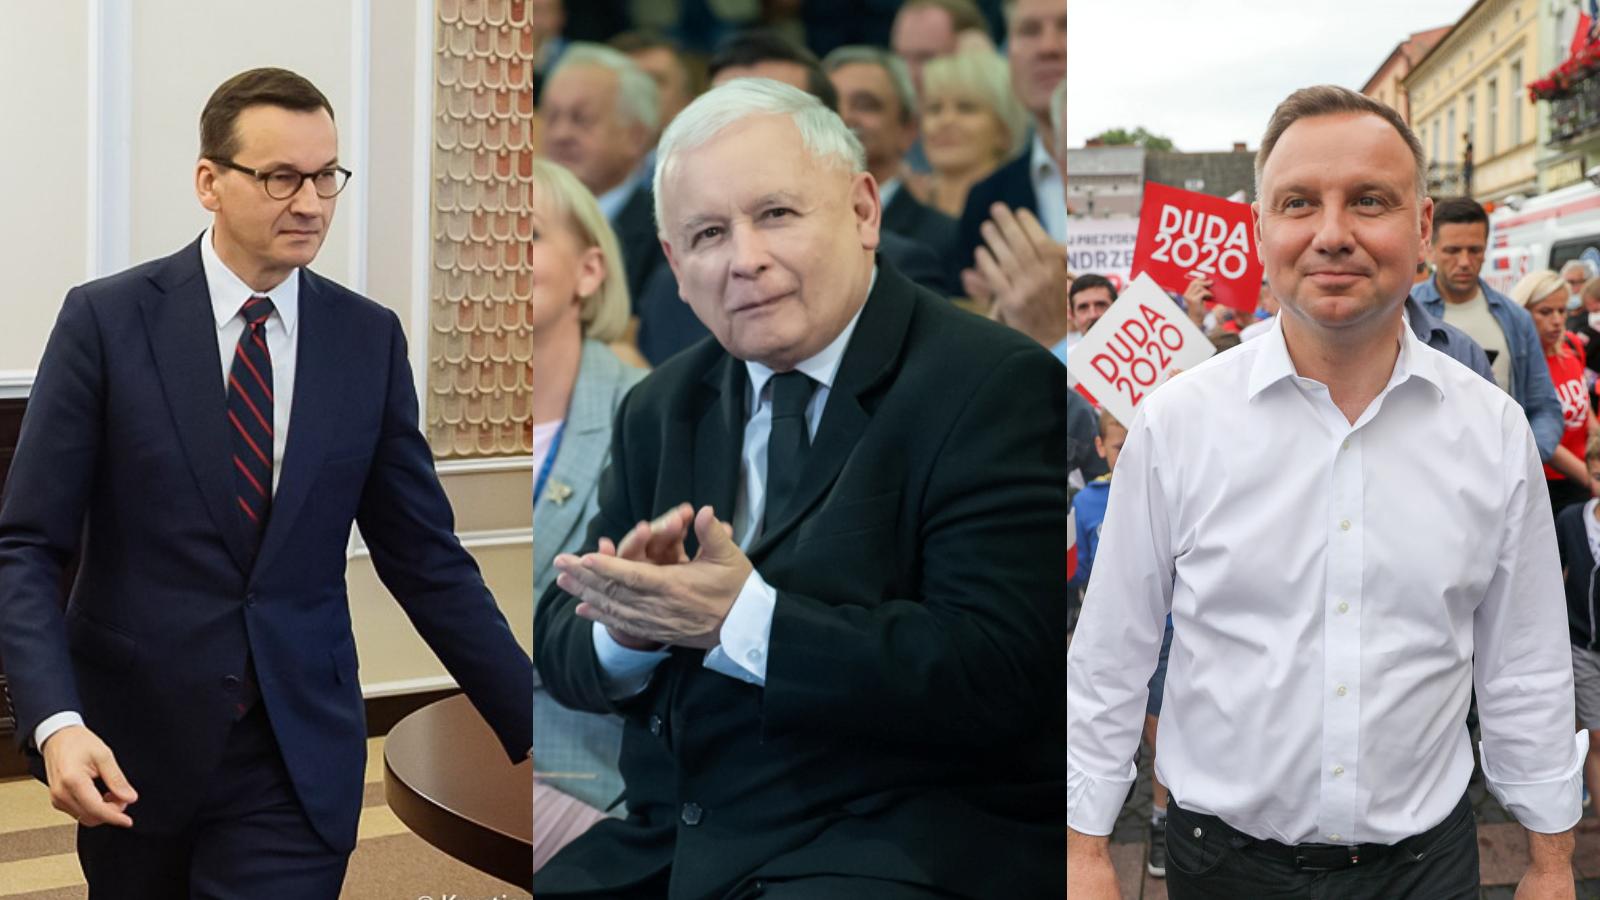 """Gowin ujawnił plan Kaczyńskiego. """"Rozważał zastąpienie Dudy Morawieckim"""""""